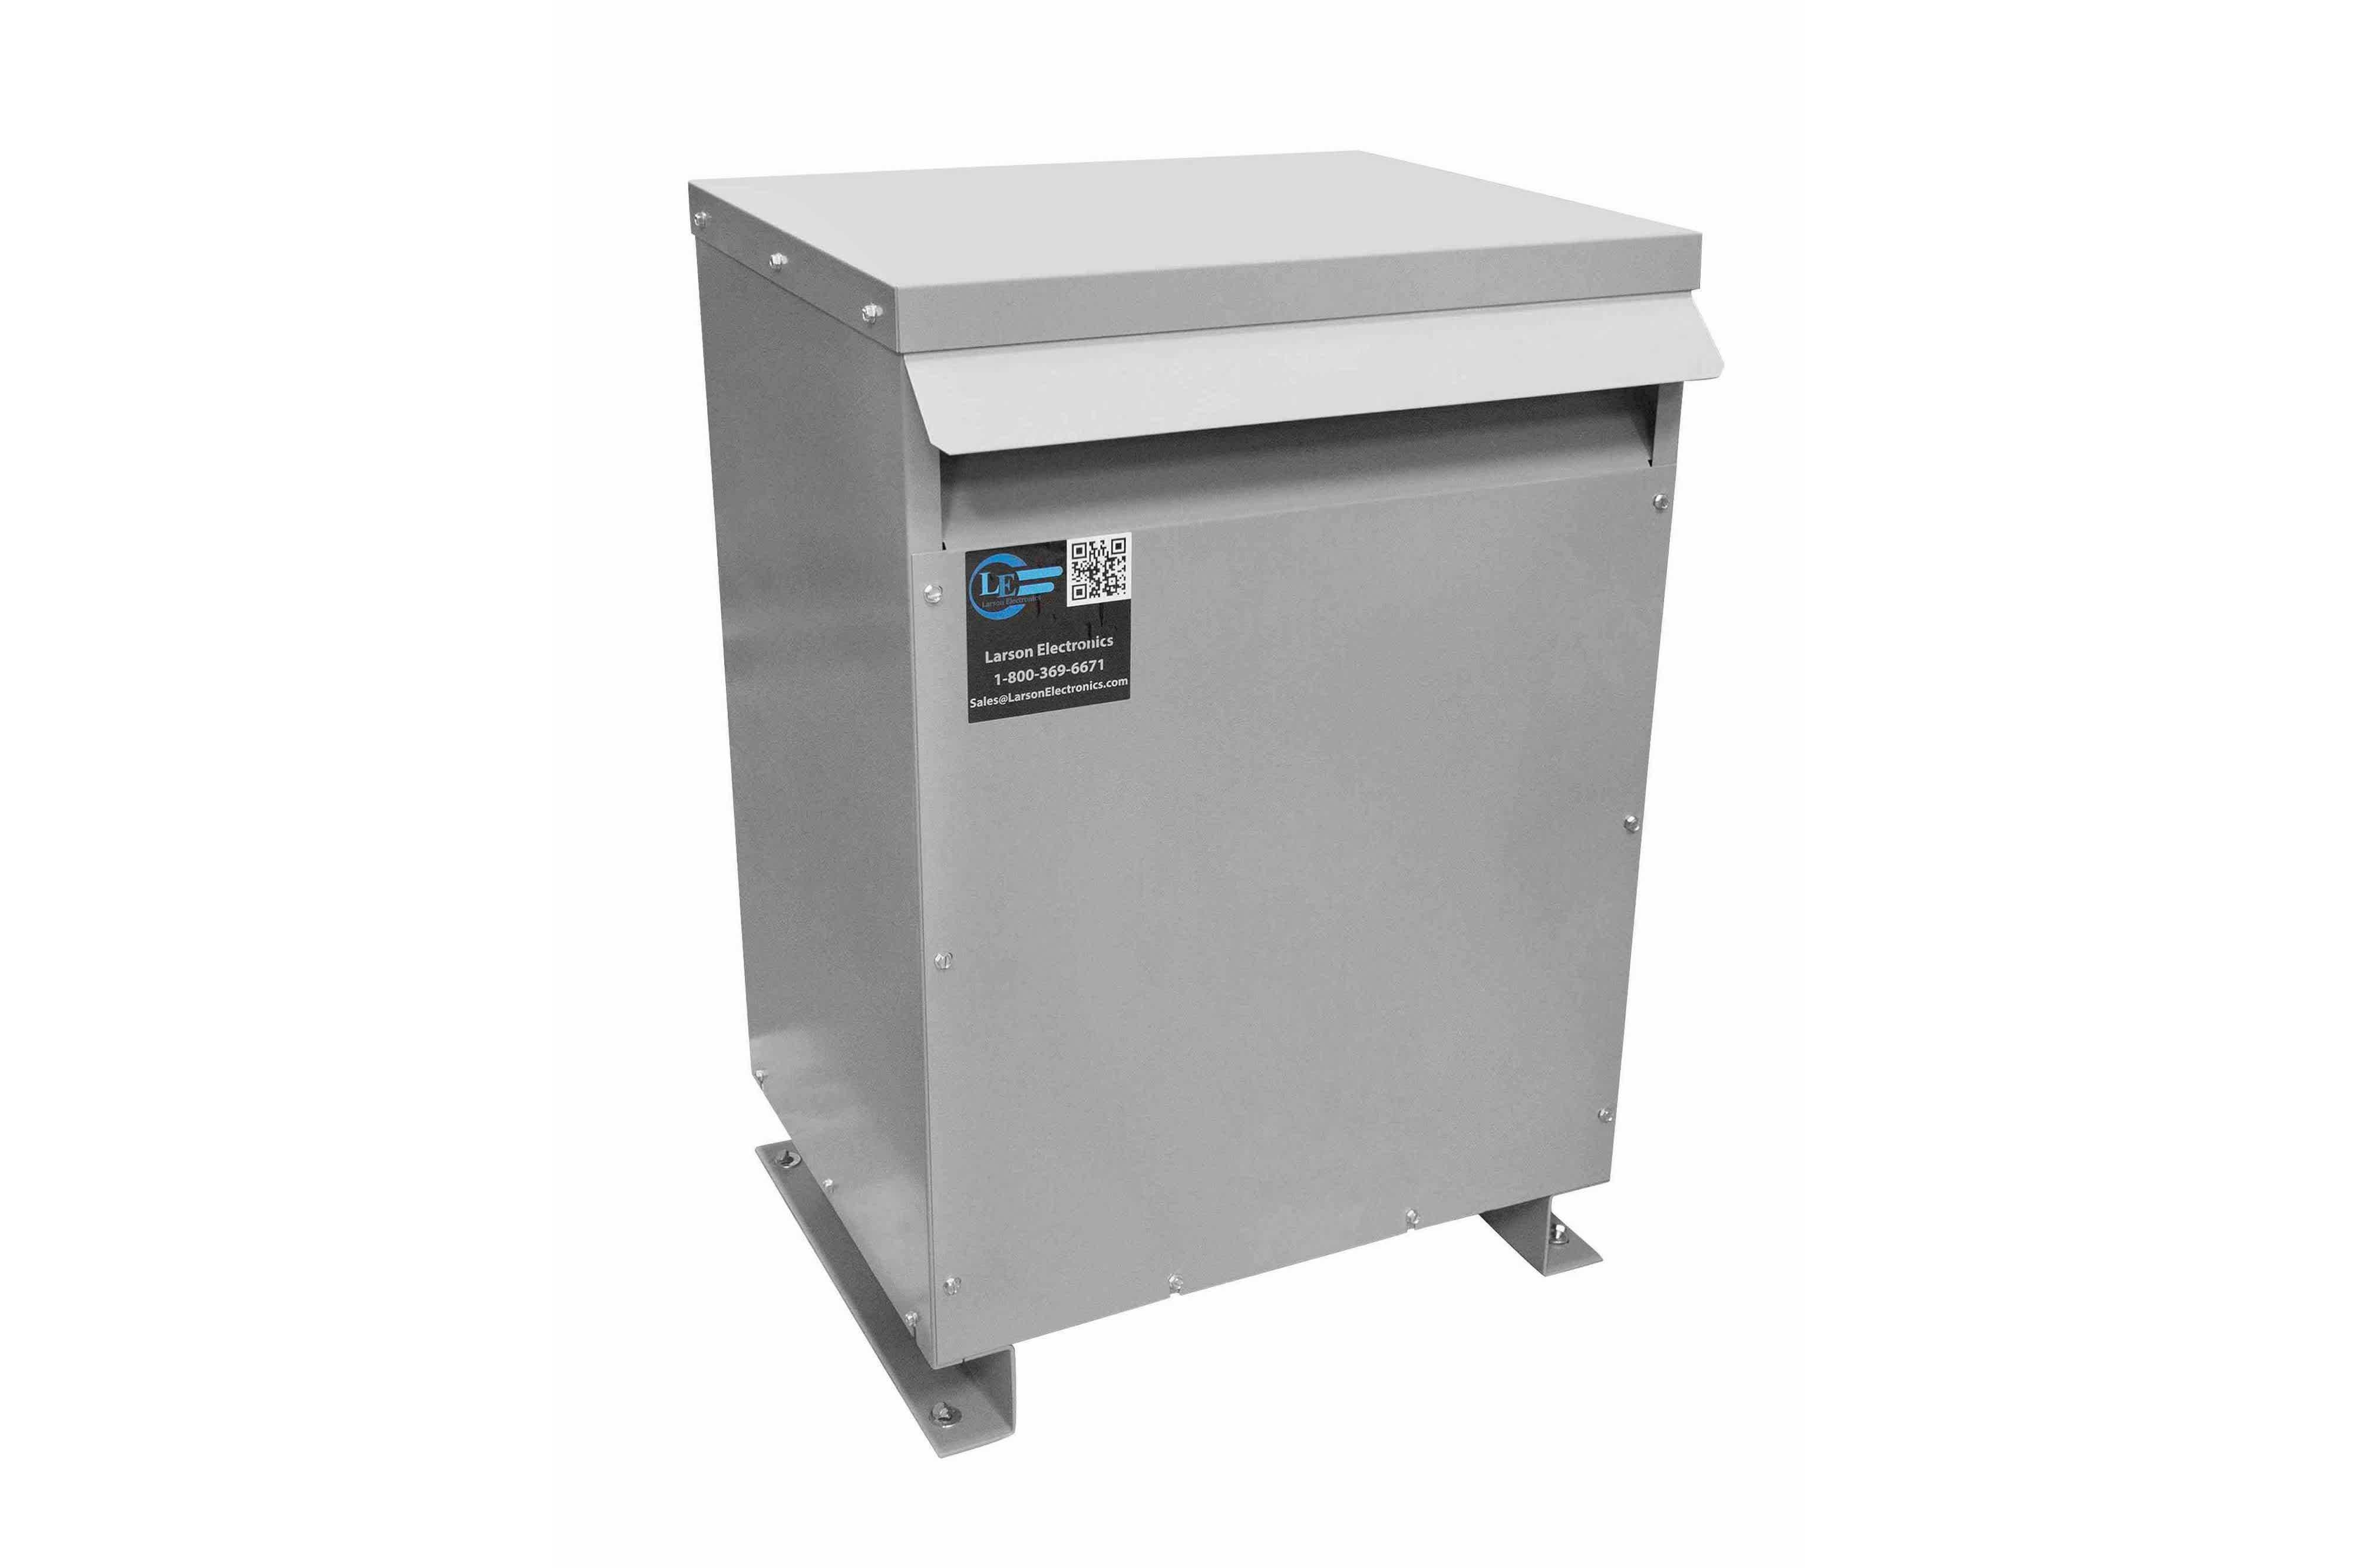 100 kVA 3PH Isolation Transformer, 575V Delta Primary, 415V Delta Secondary, N3R, Ventilated, 60 Hz